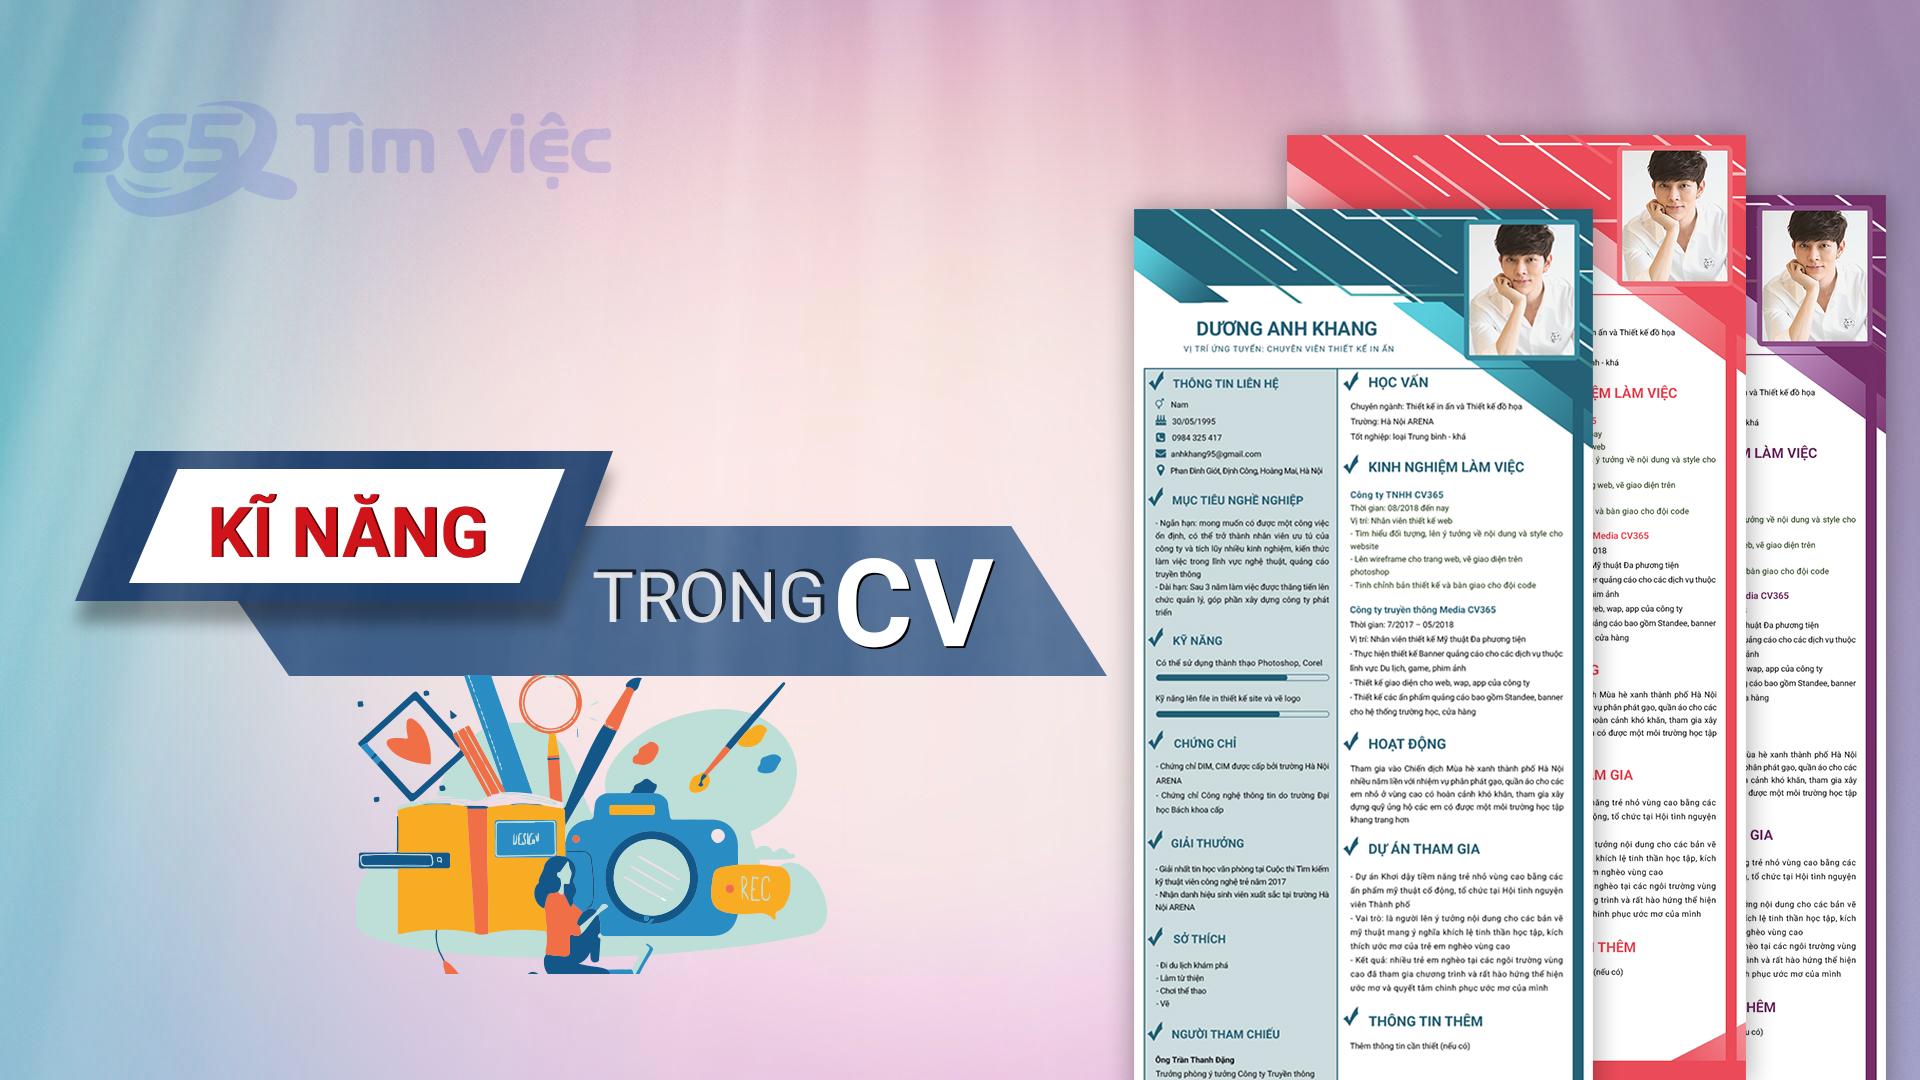 Những thông tin cần thiết trong CV giám sát bán hàng